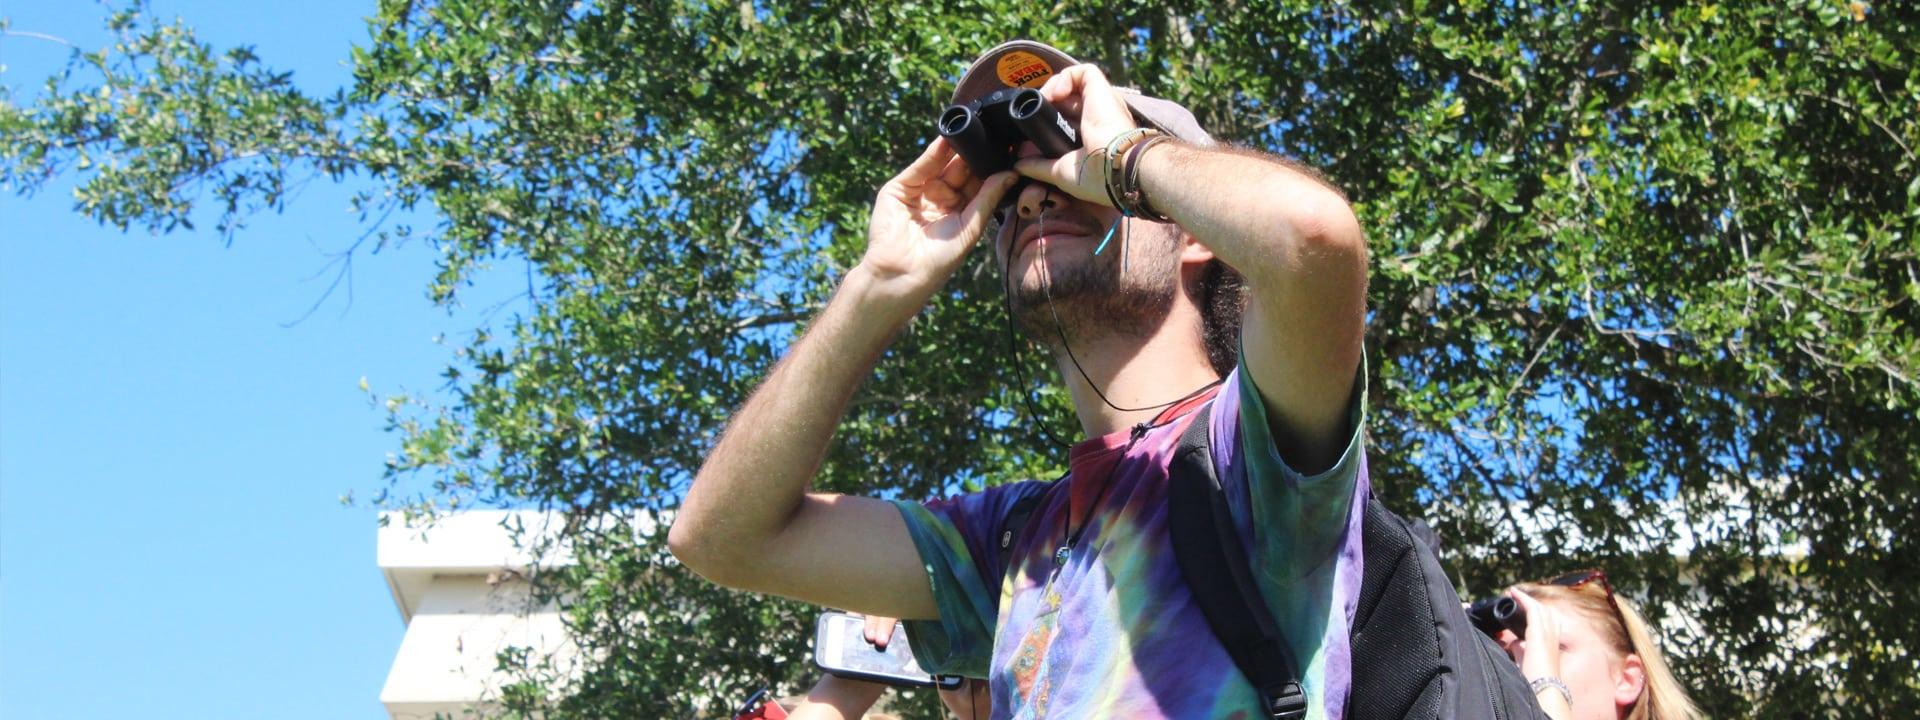 Male student in tie-dye shirt looking through binoculars